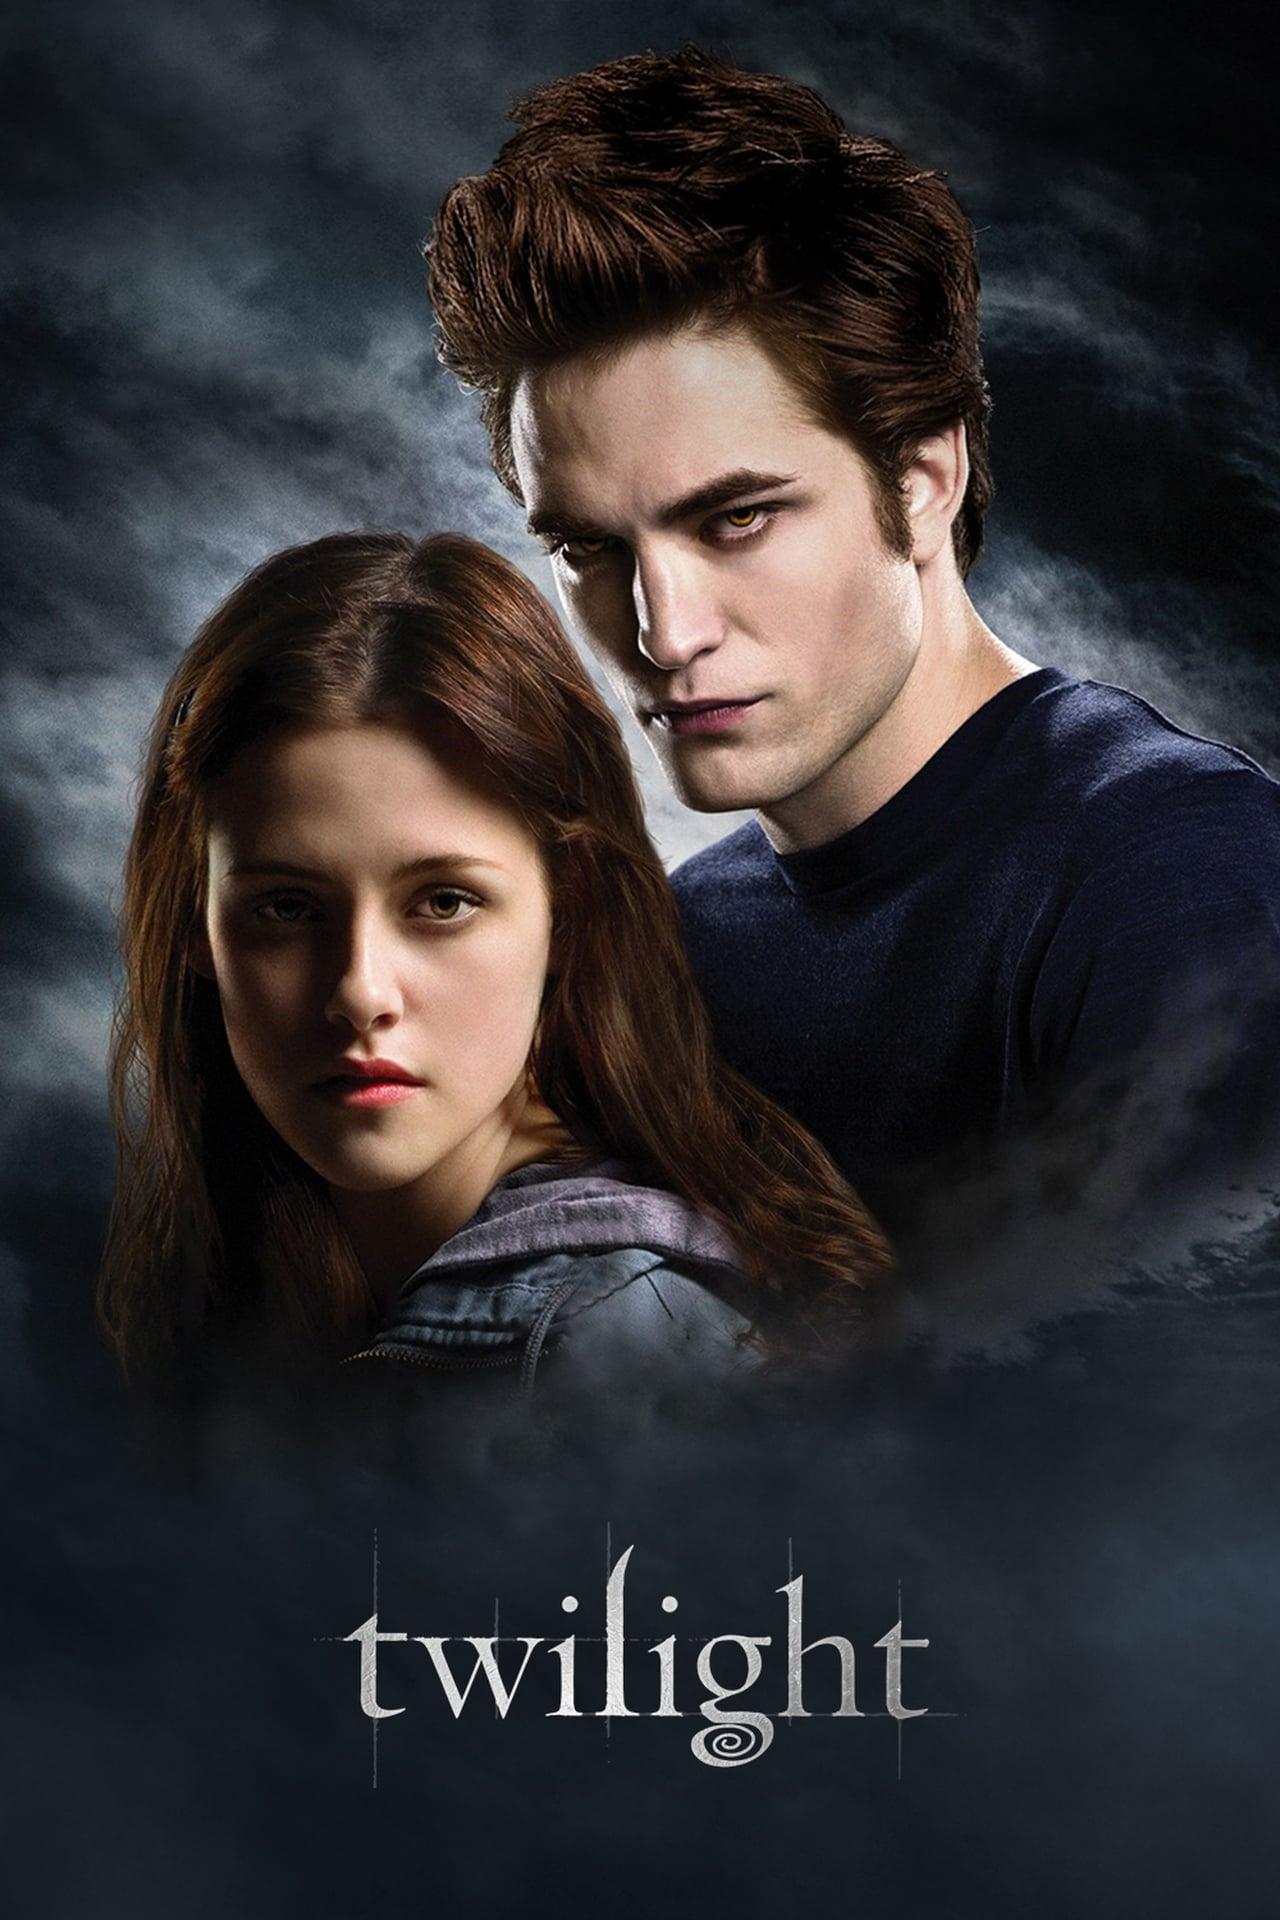 Twilight | 2008 | Hindi+English | 1080p | BluRay